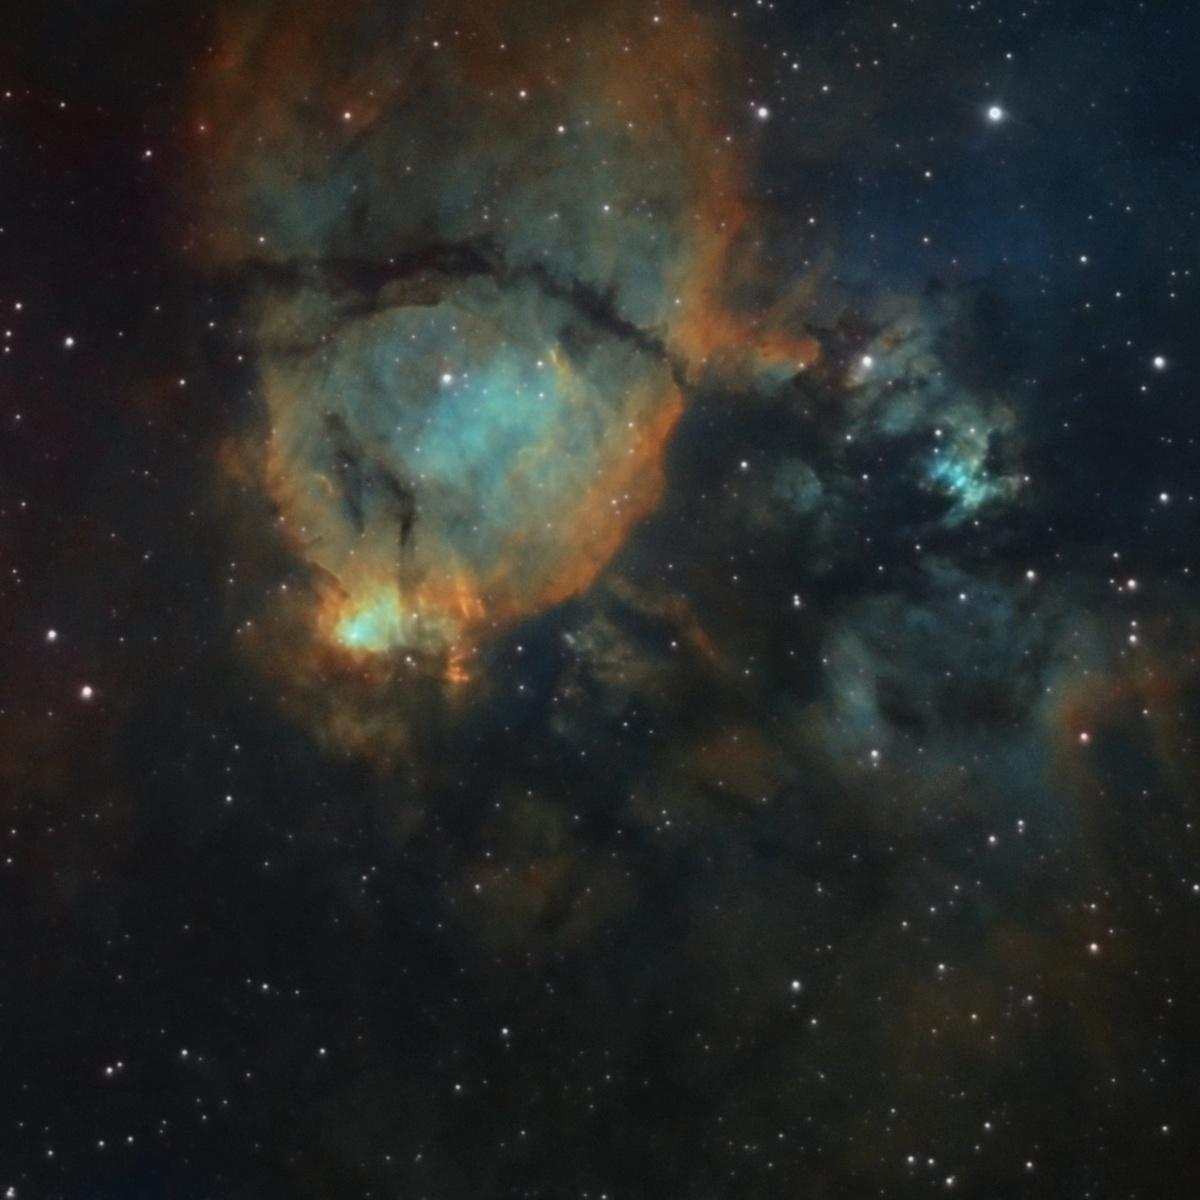 NGC896_flip.thumb.jpg.dbe44dbc2ea940c81737e1478019ada5.jpg